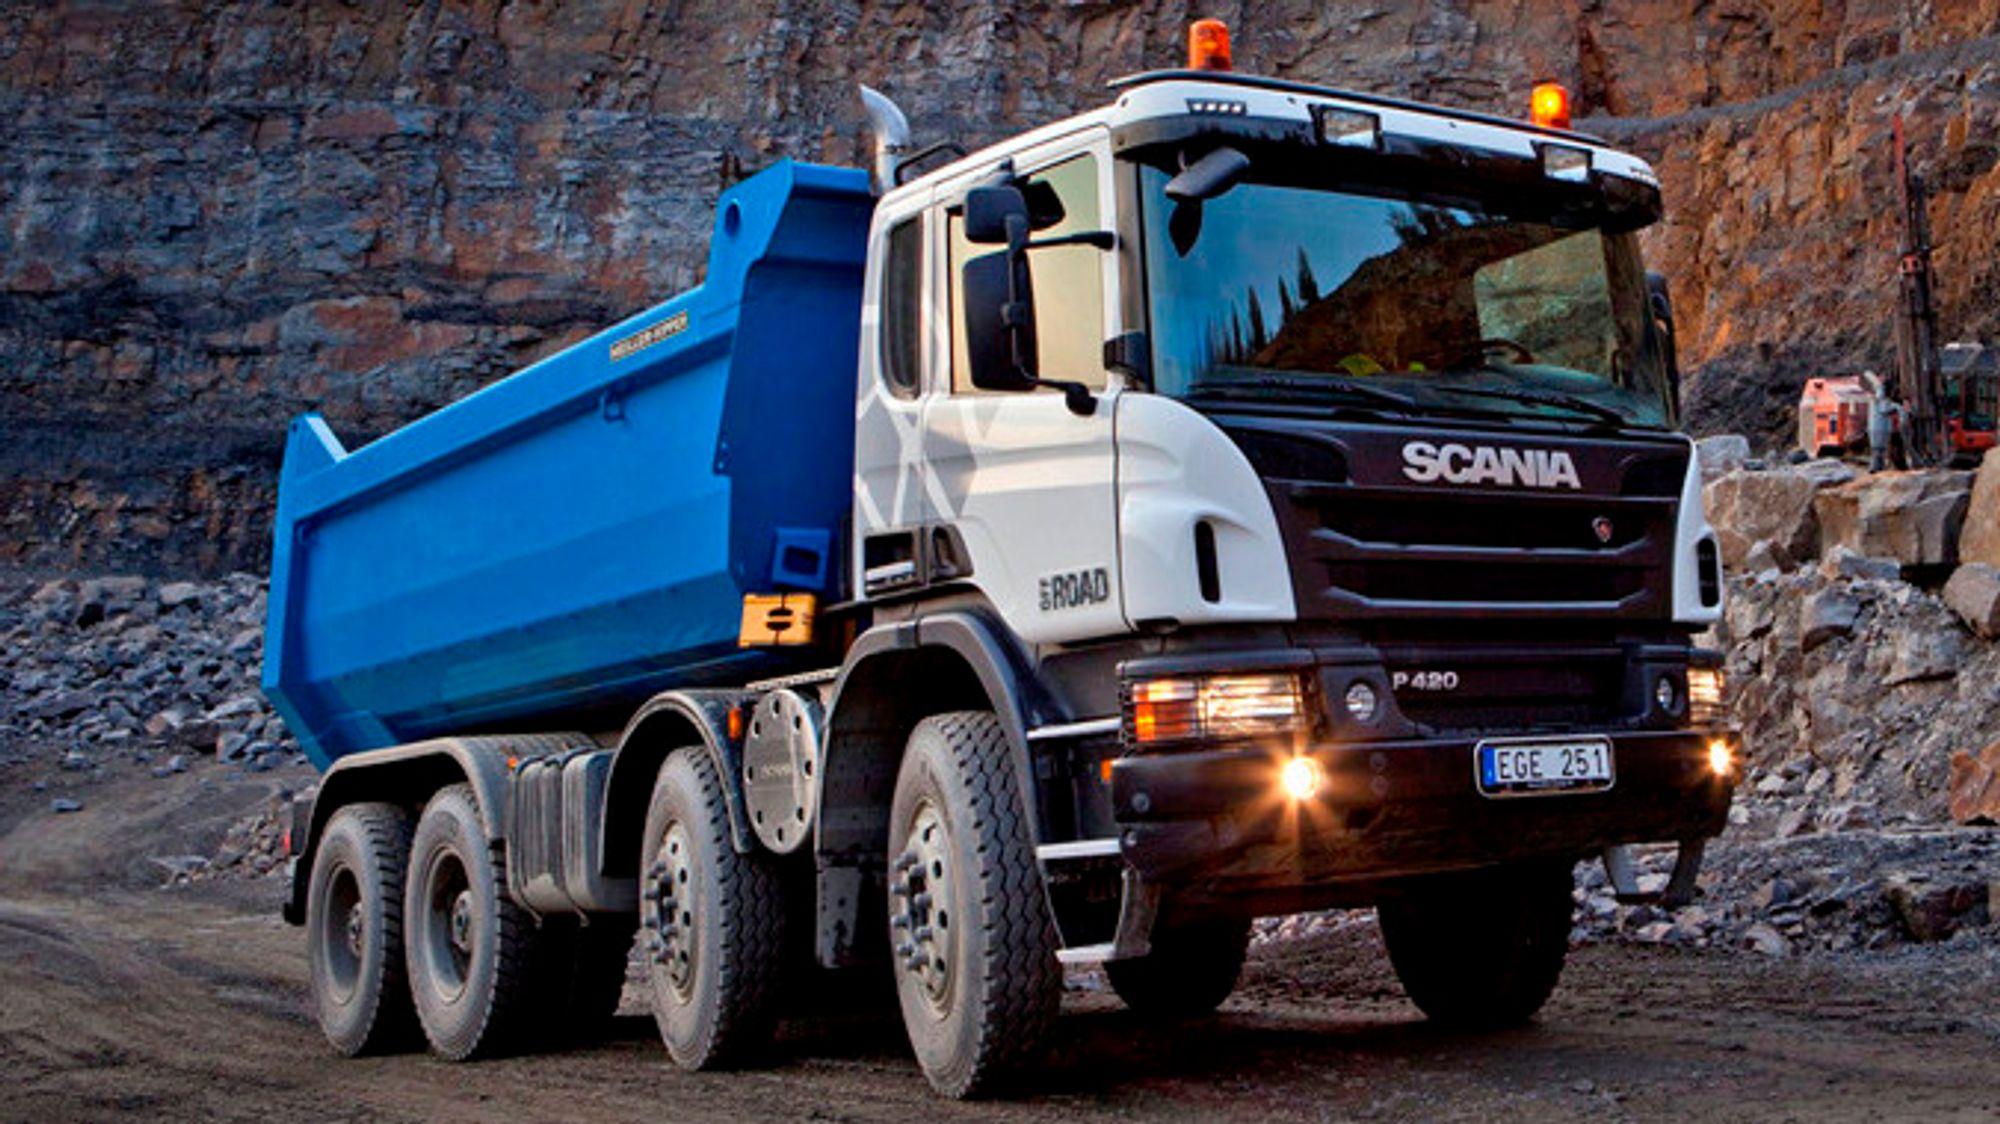 En rekke lastebilprodusenter er ilagt milliardbot for prissamarbeid. Scania har så langt nektet å inngå forlik.